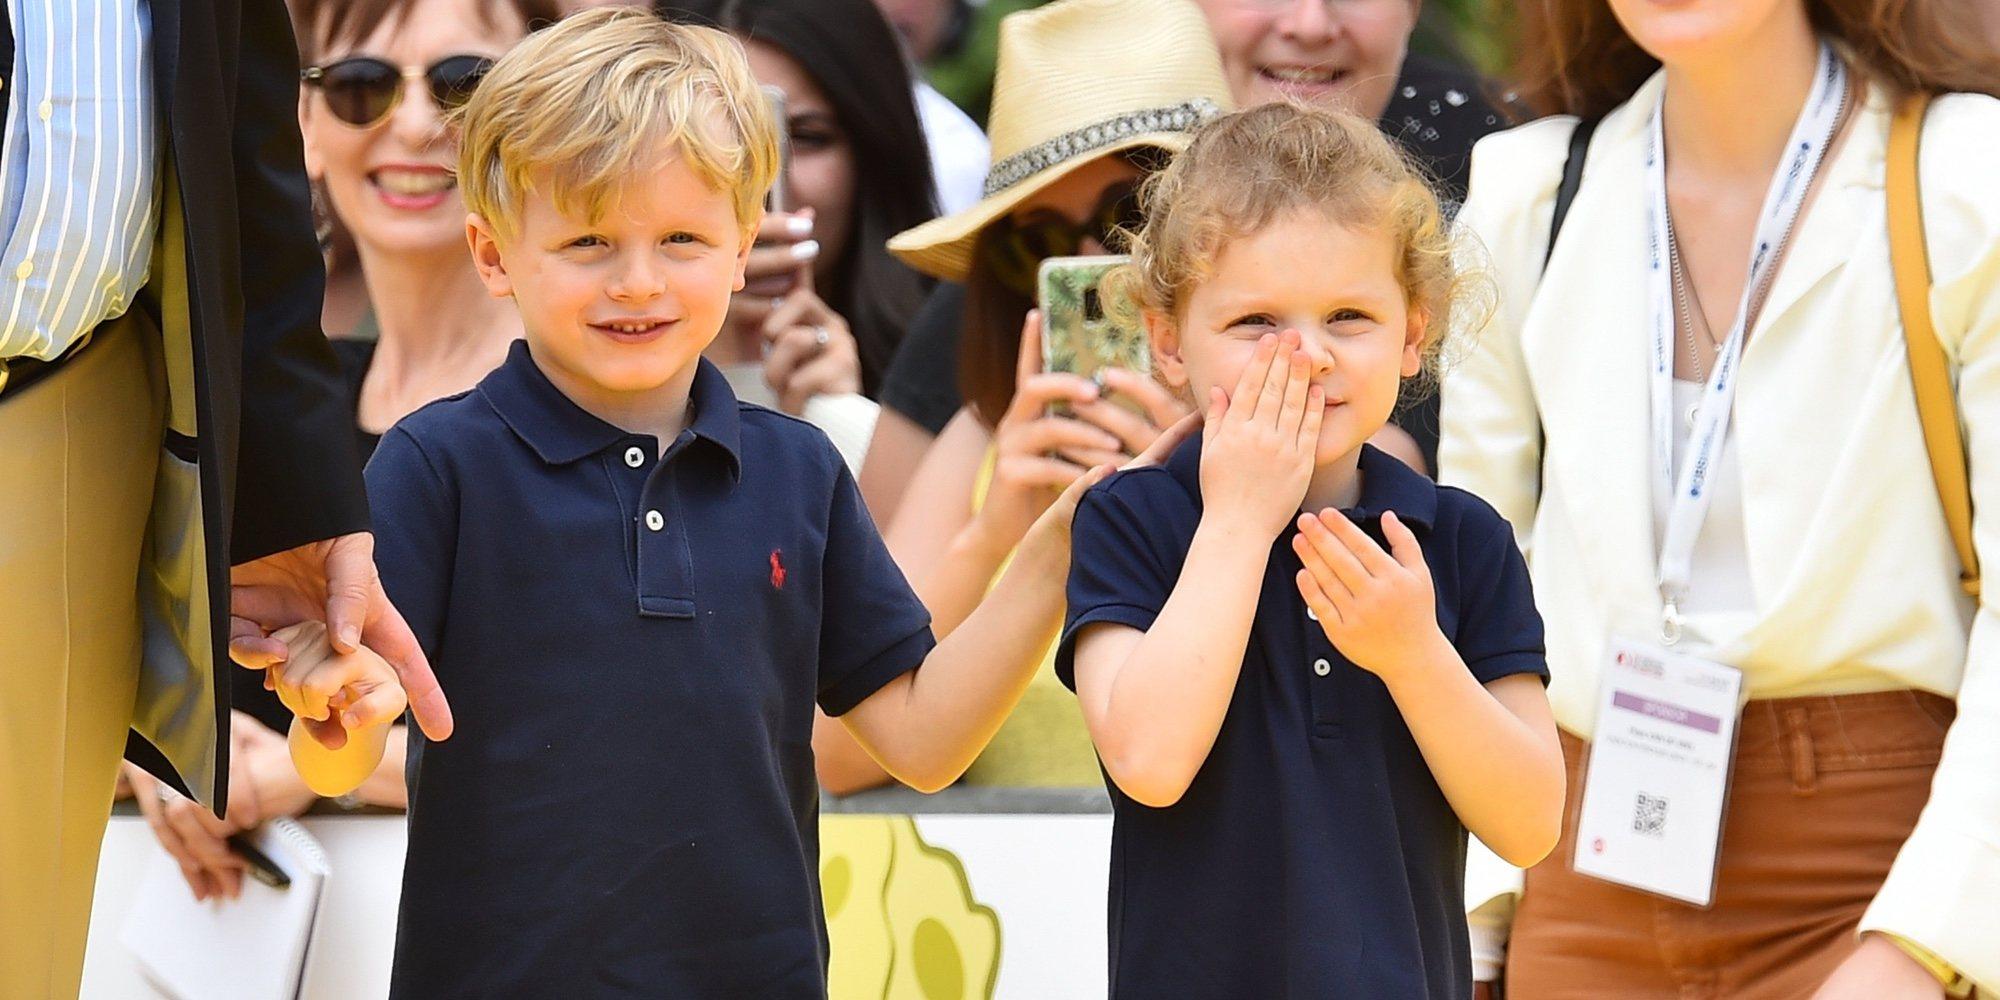 Los Príncipes Alberto y Charlene felicitan la Navidad 2019 con Jacques y Gabriella como protagonistas